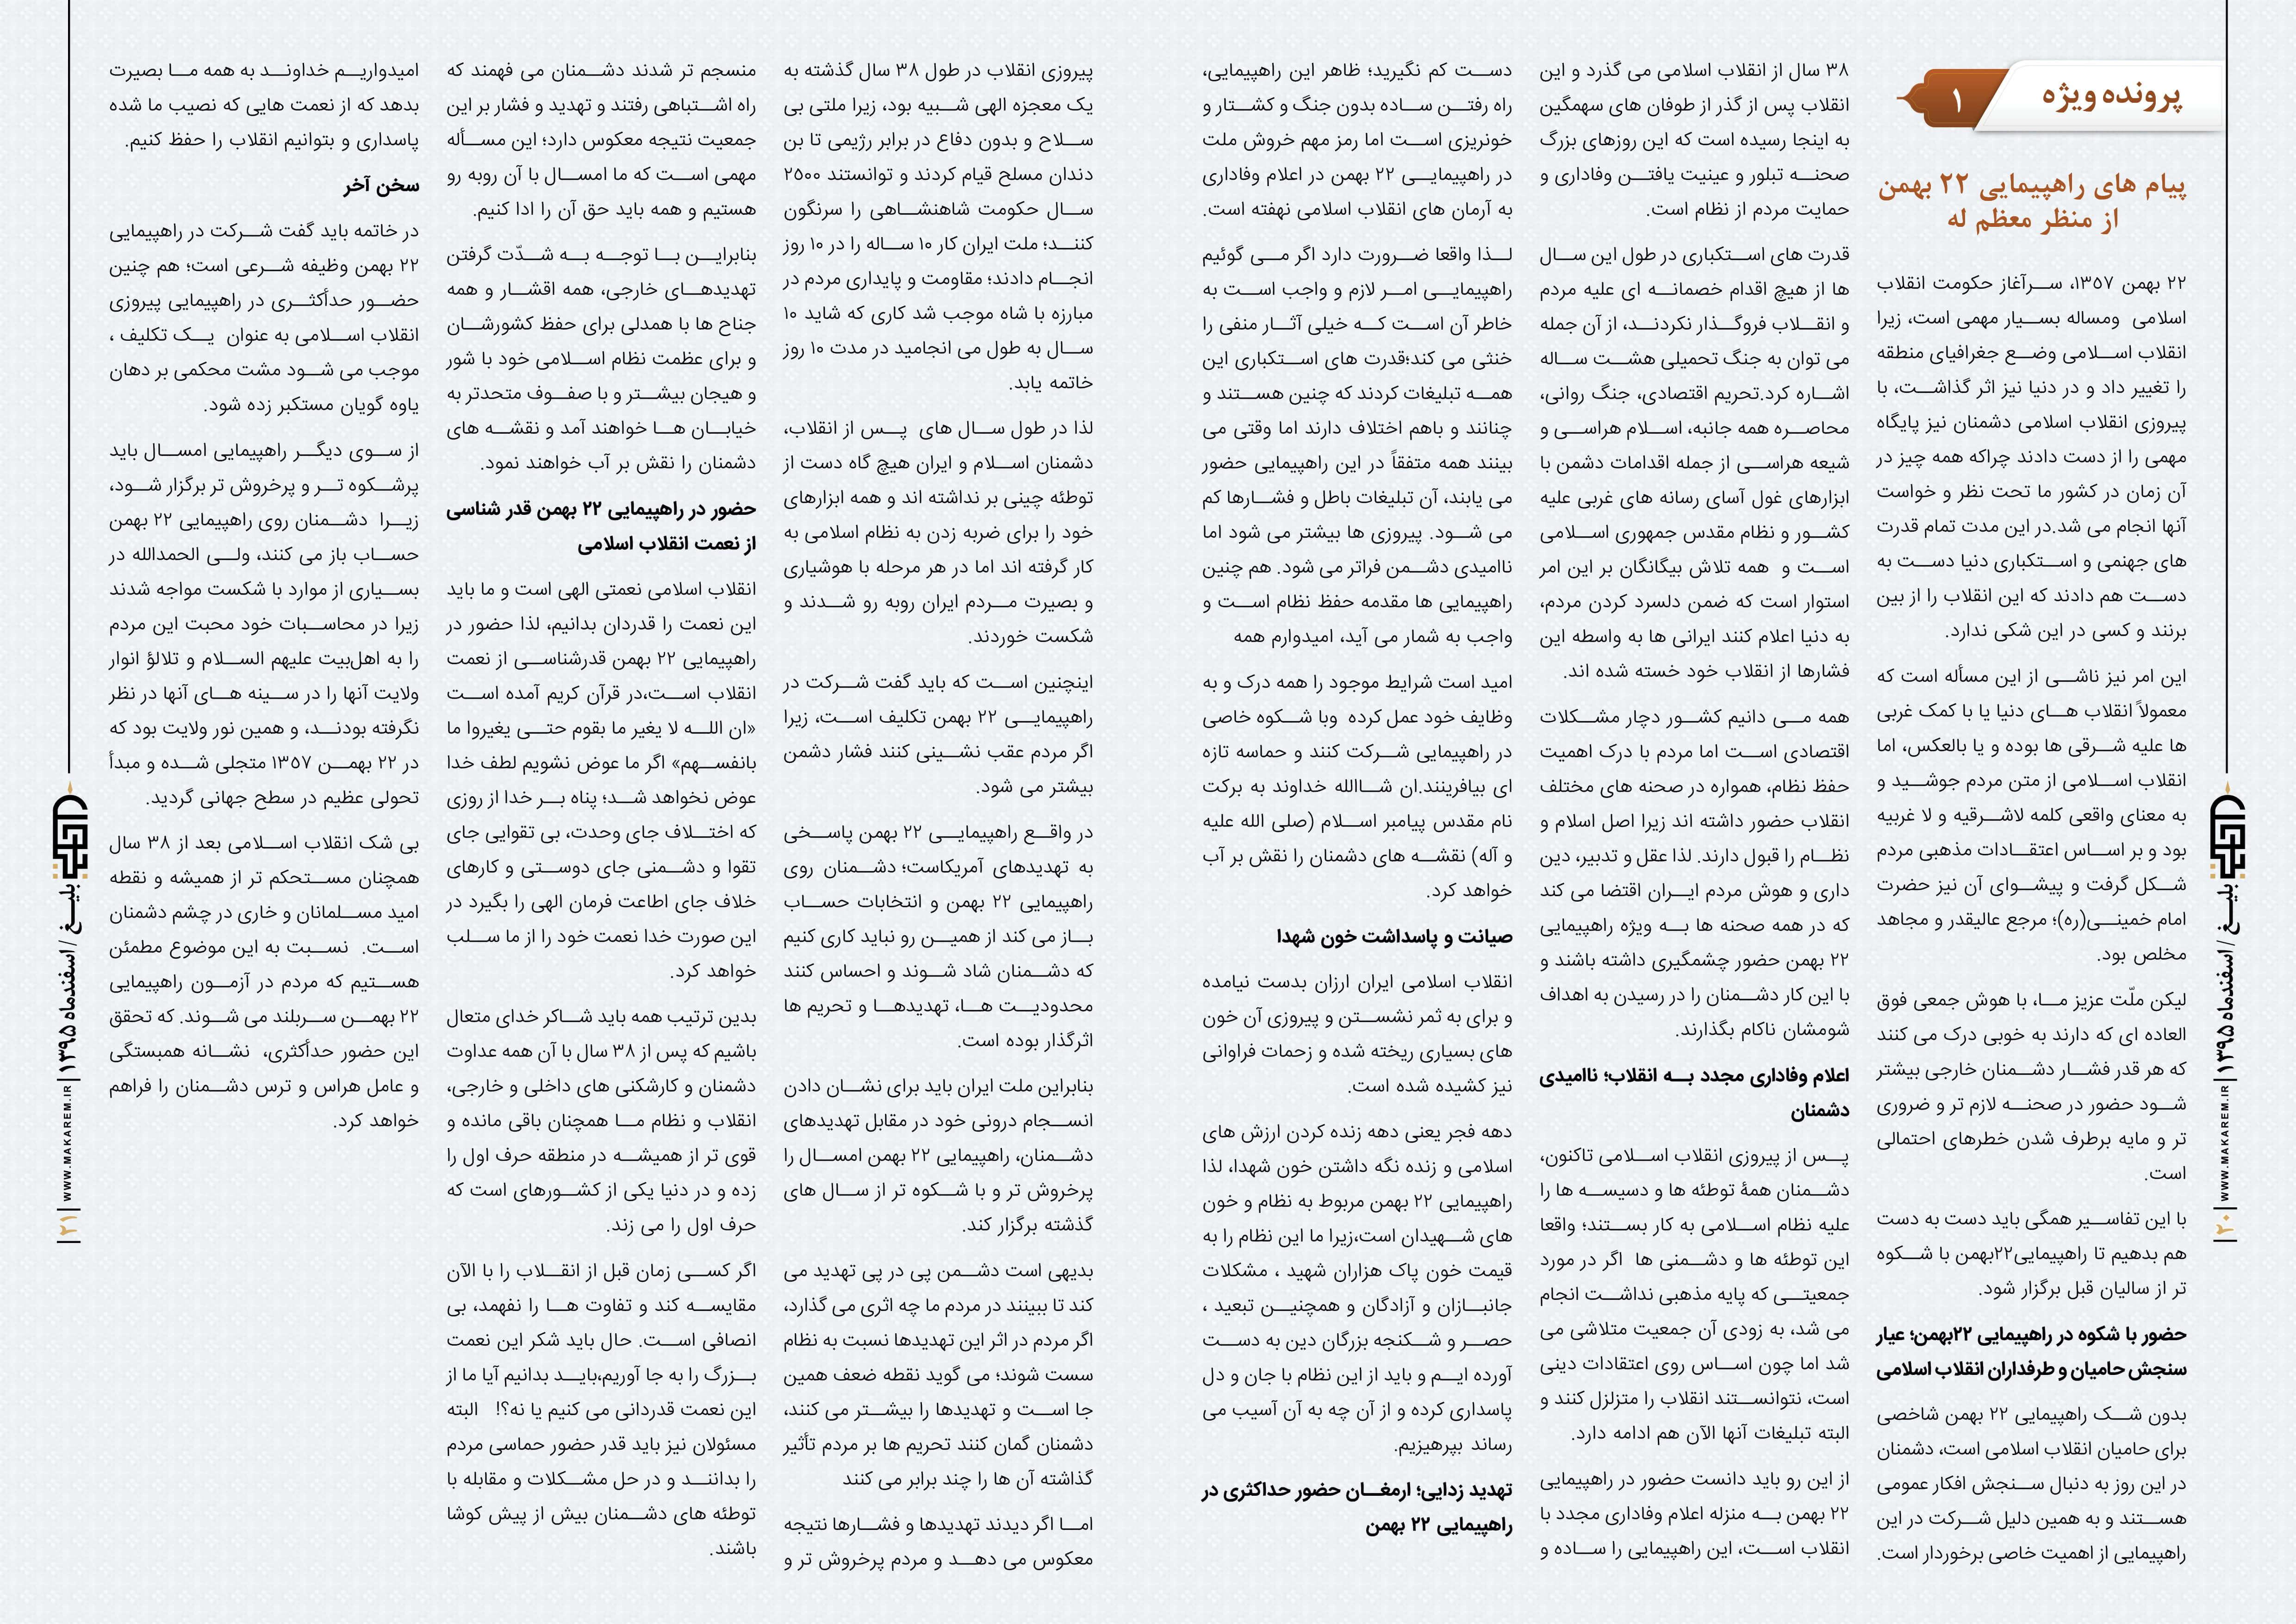 پیام های راهپیمایی ٢٢ بهمن از منظر معظم له پرونده ویژه-مدرسه الامام امیر المومنین (ع)